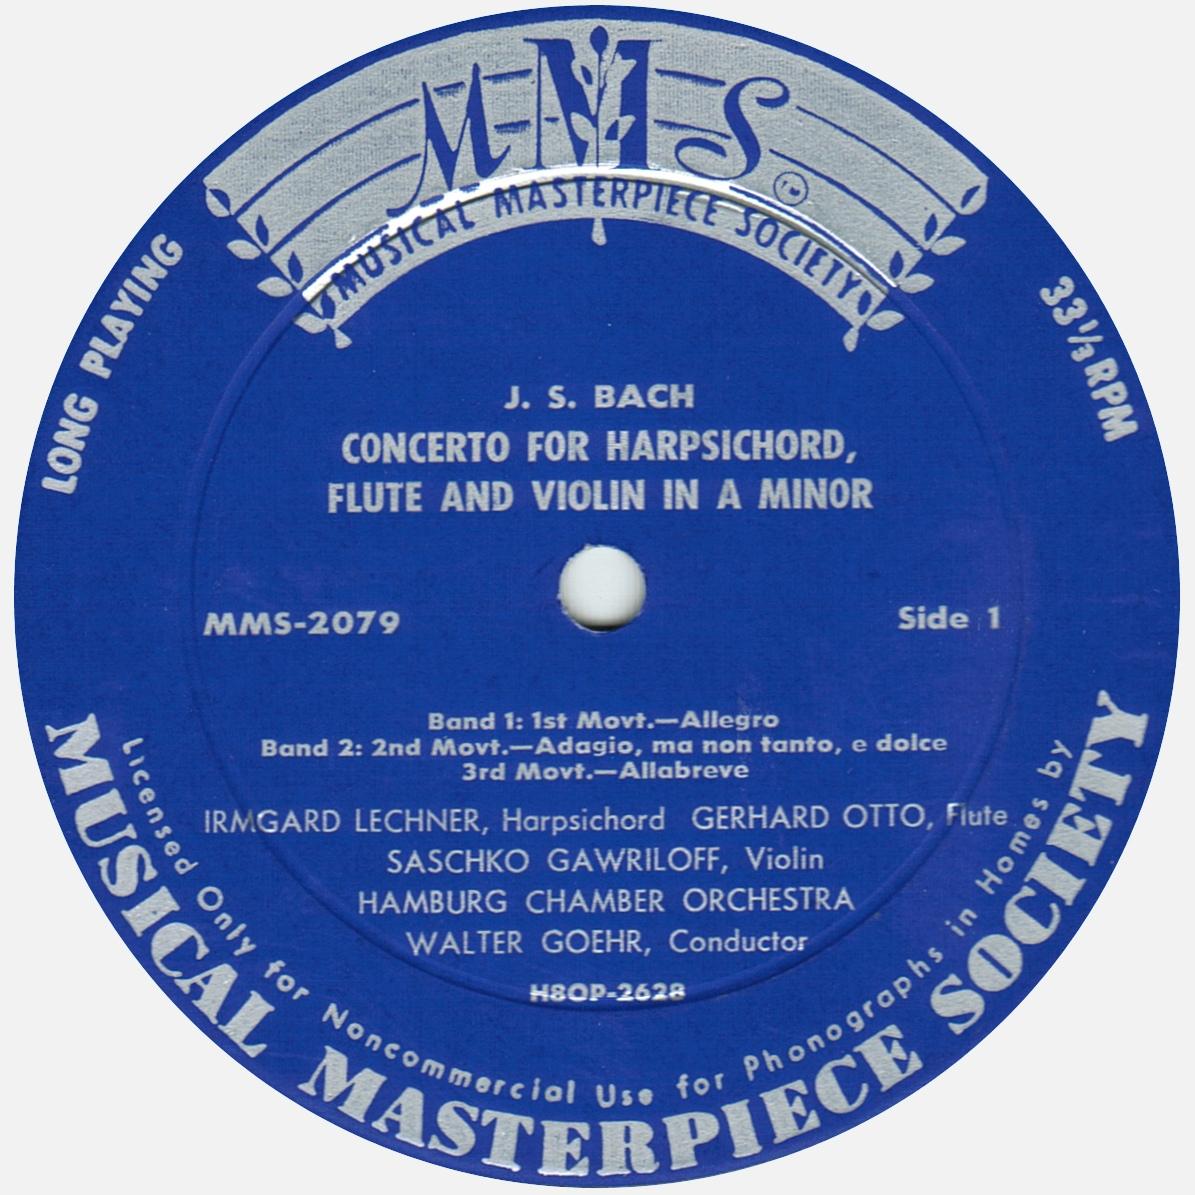 Étiquette recto du disque MMS-2079